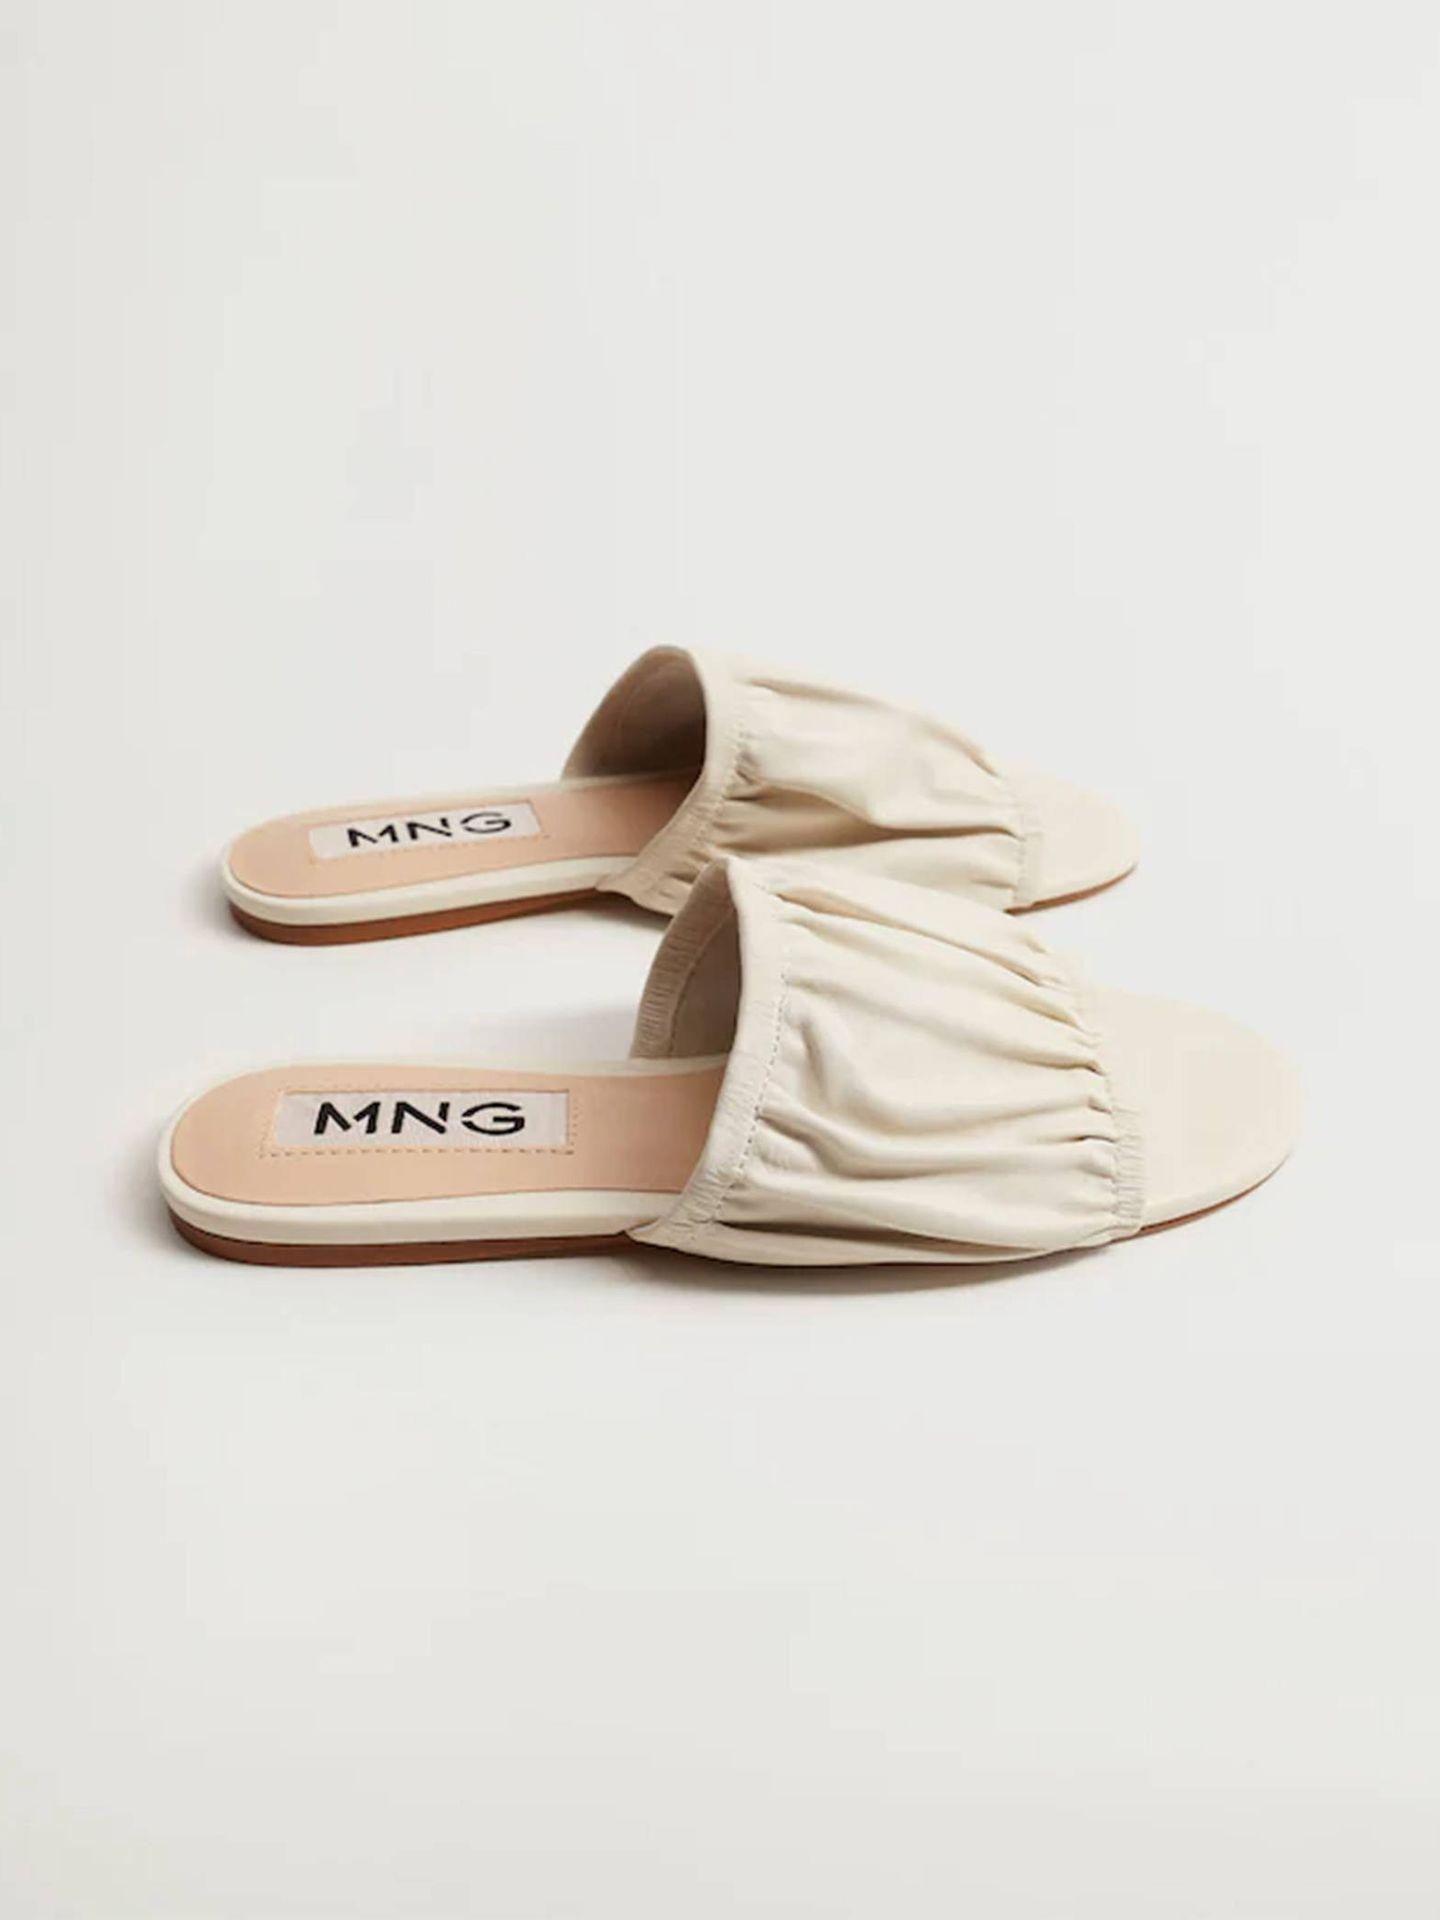 Sandalias blancas de Mango. (Cortesía)